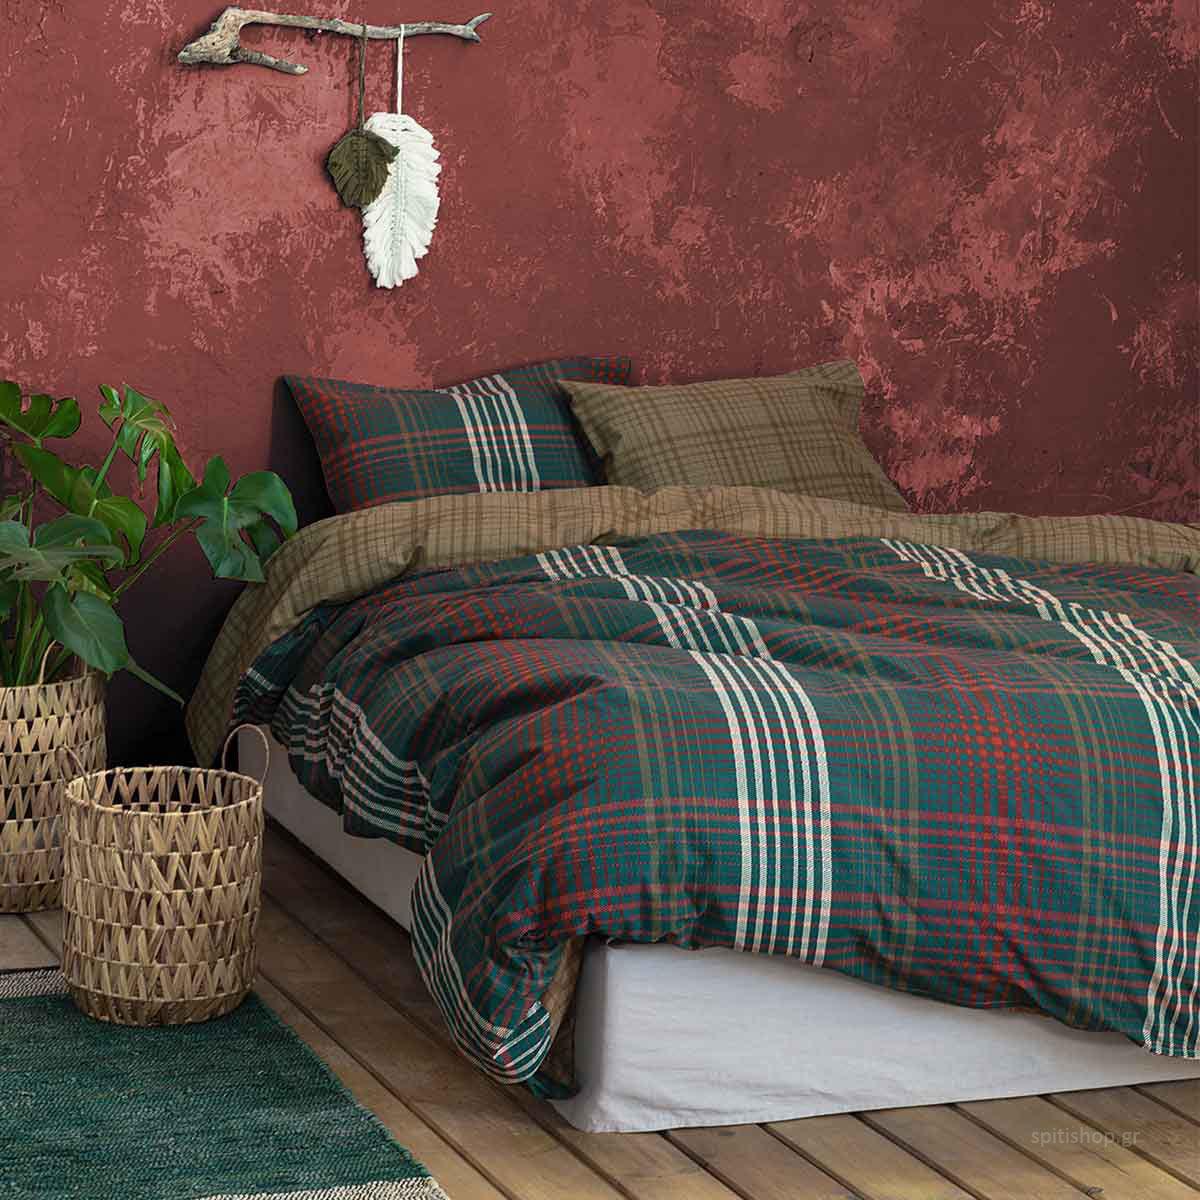 Σεντόνια Υπέρδιπλα (Σετ 240×260) Nima Bed Linen Ardor Wine Red ΜΕ ΛΑΣΤΙΧΟ 160×200+32 ΜΕ ΛΑΣΤΙΧΟ 160×200+32